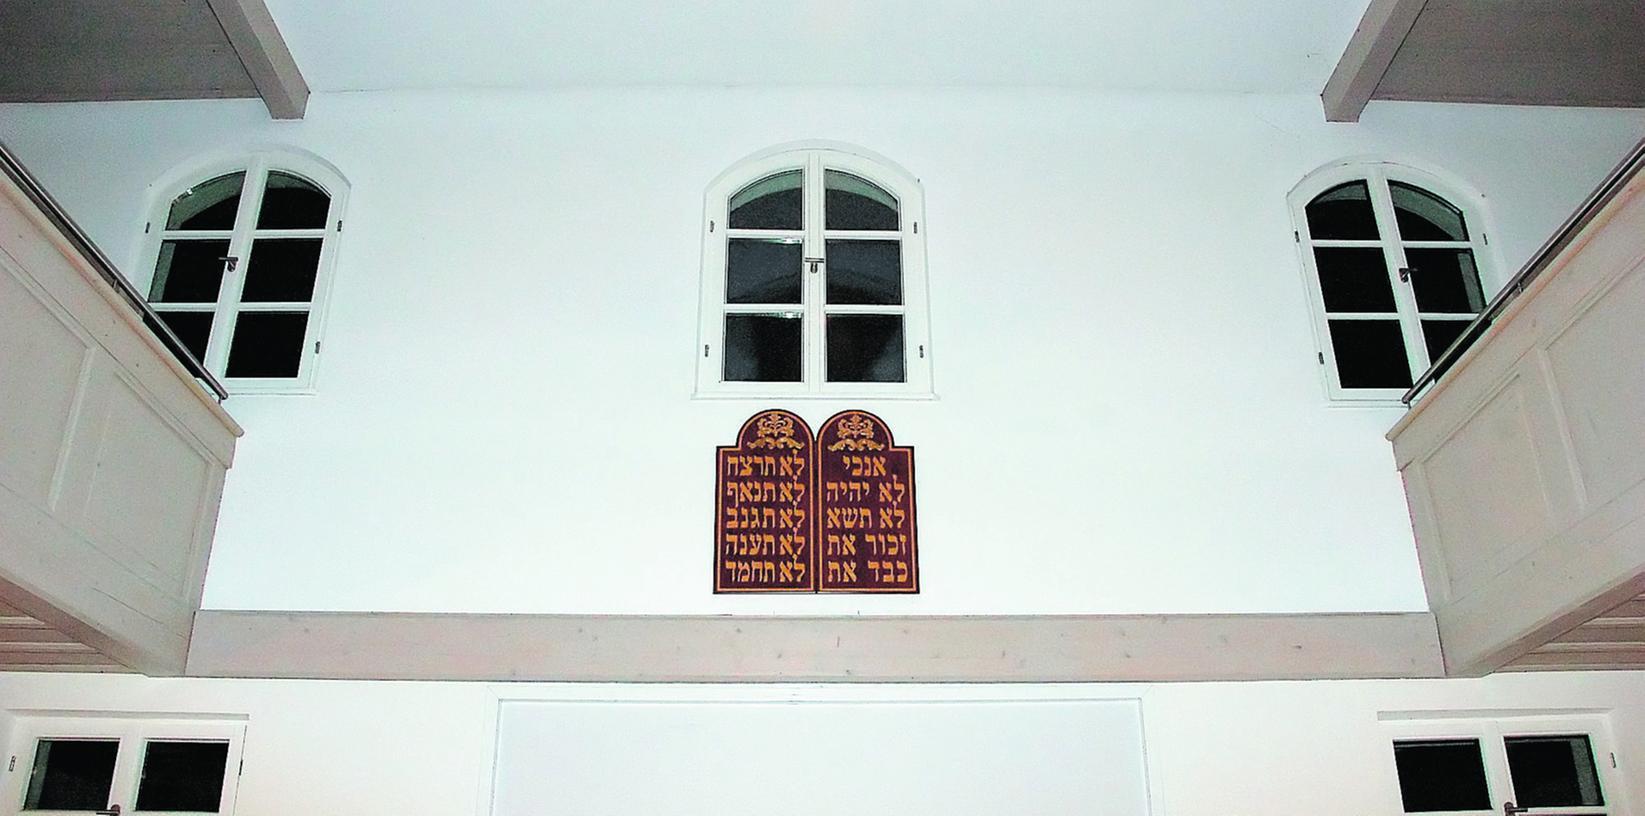 Die Zehn Gebote auf Hebräisch: Die neue Gebetstafel hängt wie das Original bis 1938 an der Ostseite der ehemaligen Synagoge in Richtung Jerusalem. Dort leben auch die Spender, das Ehepaar Wissmann.